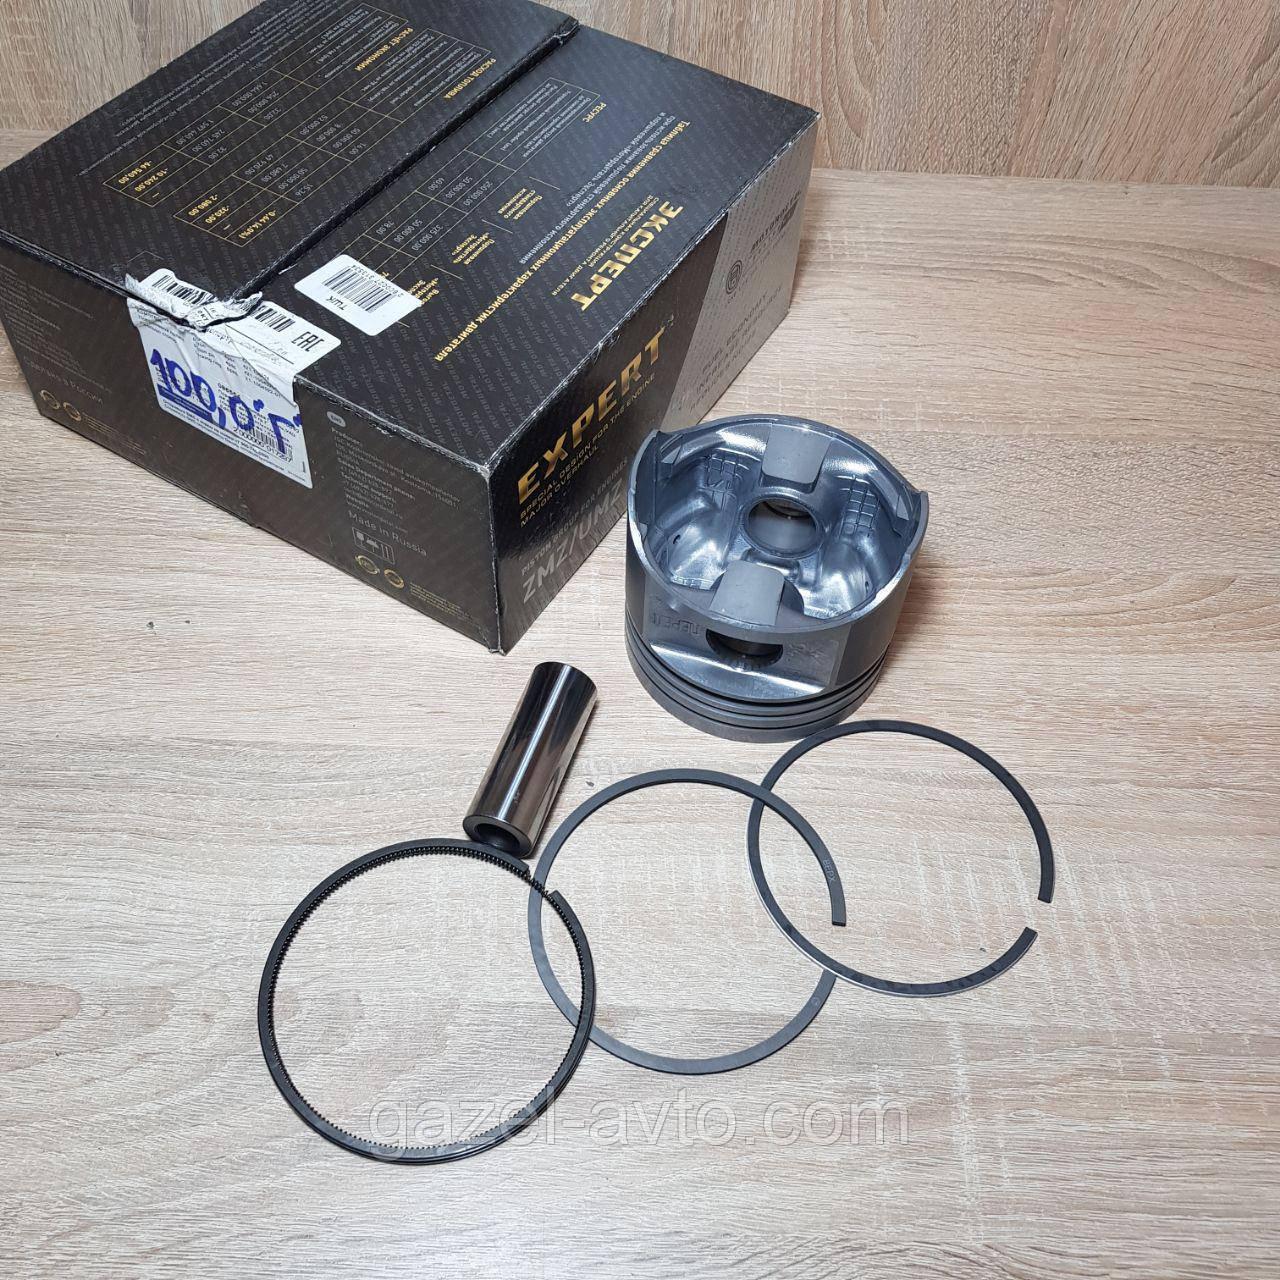 Поршень цилиндра Газель,УАЗ дв.4215 d=100,0 группа В  Black Edition М/К (пр-во г.Кострома)